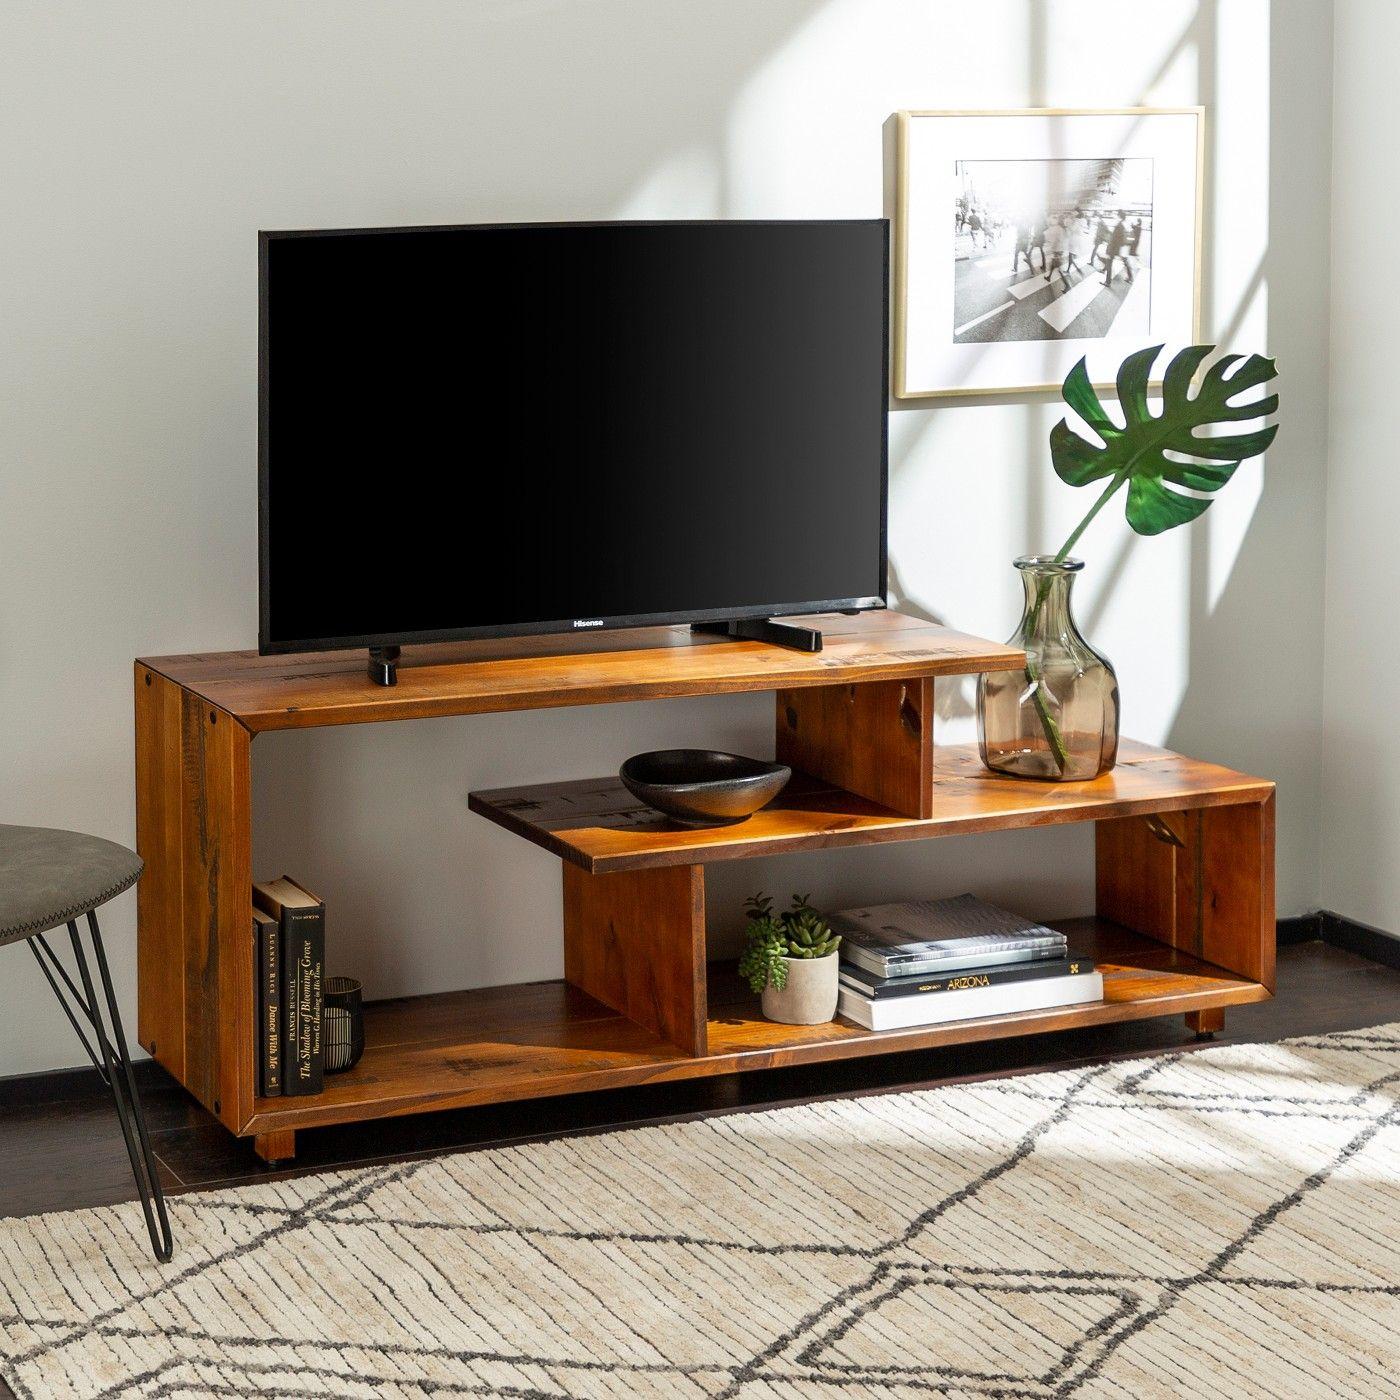 Rustic Modern Solid Wood Tv Stand For Tvs Up To 50 Saracina Home Móveis Feito De Pallet Mobiliário Com Paletes De Madeira Idéias De Decoração Para Casa